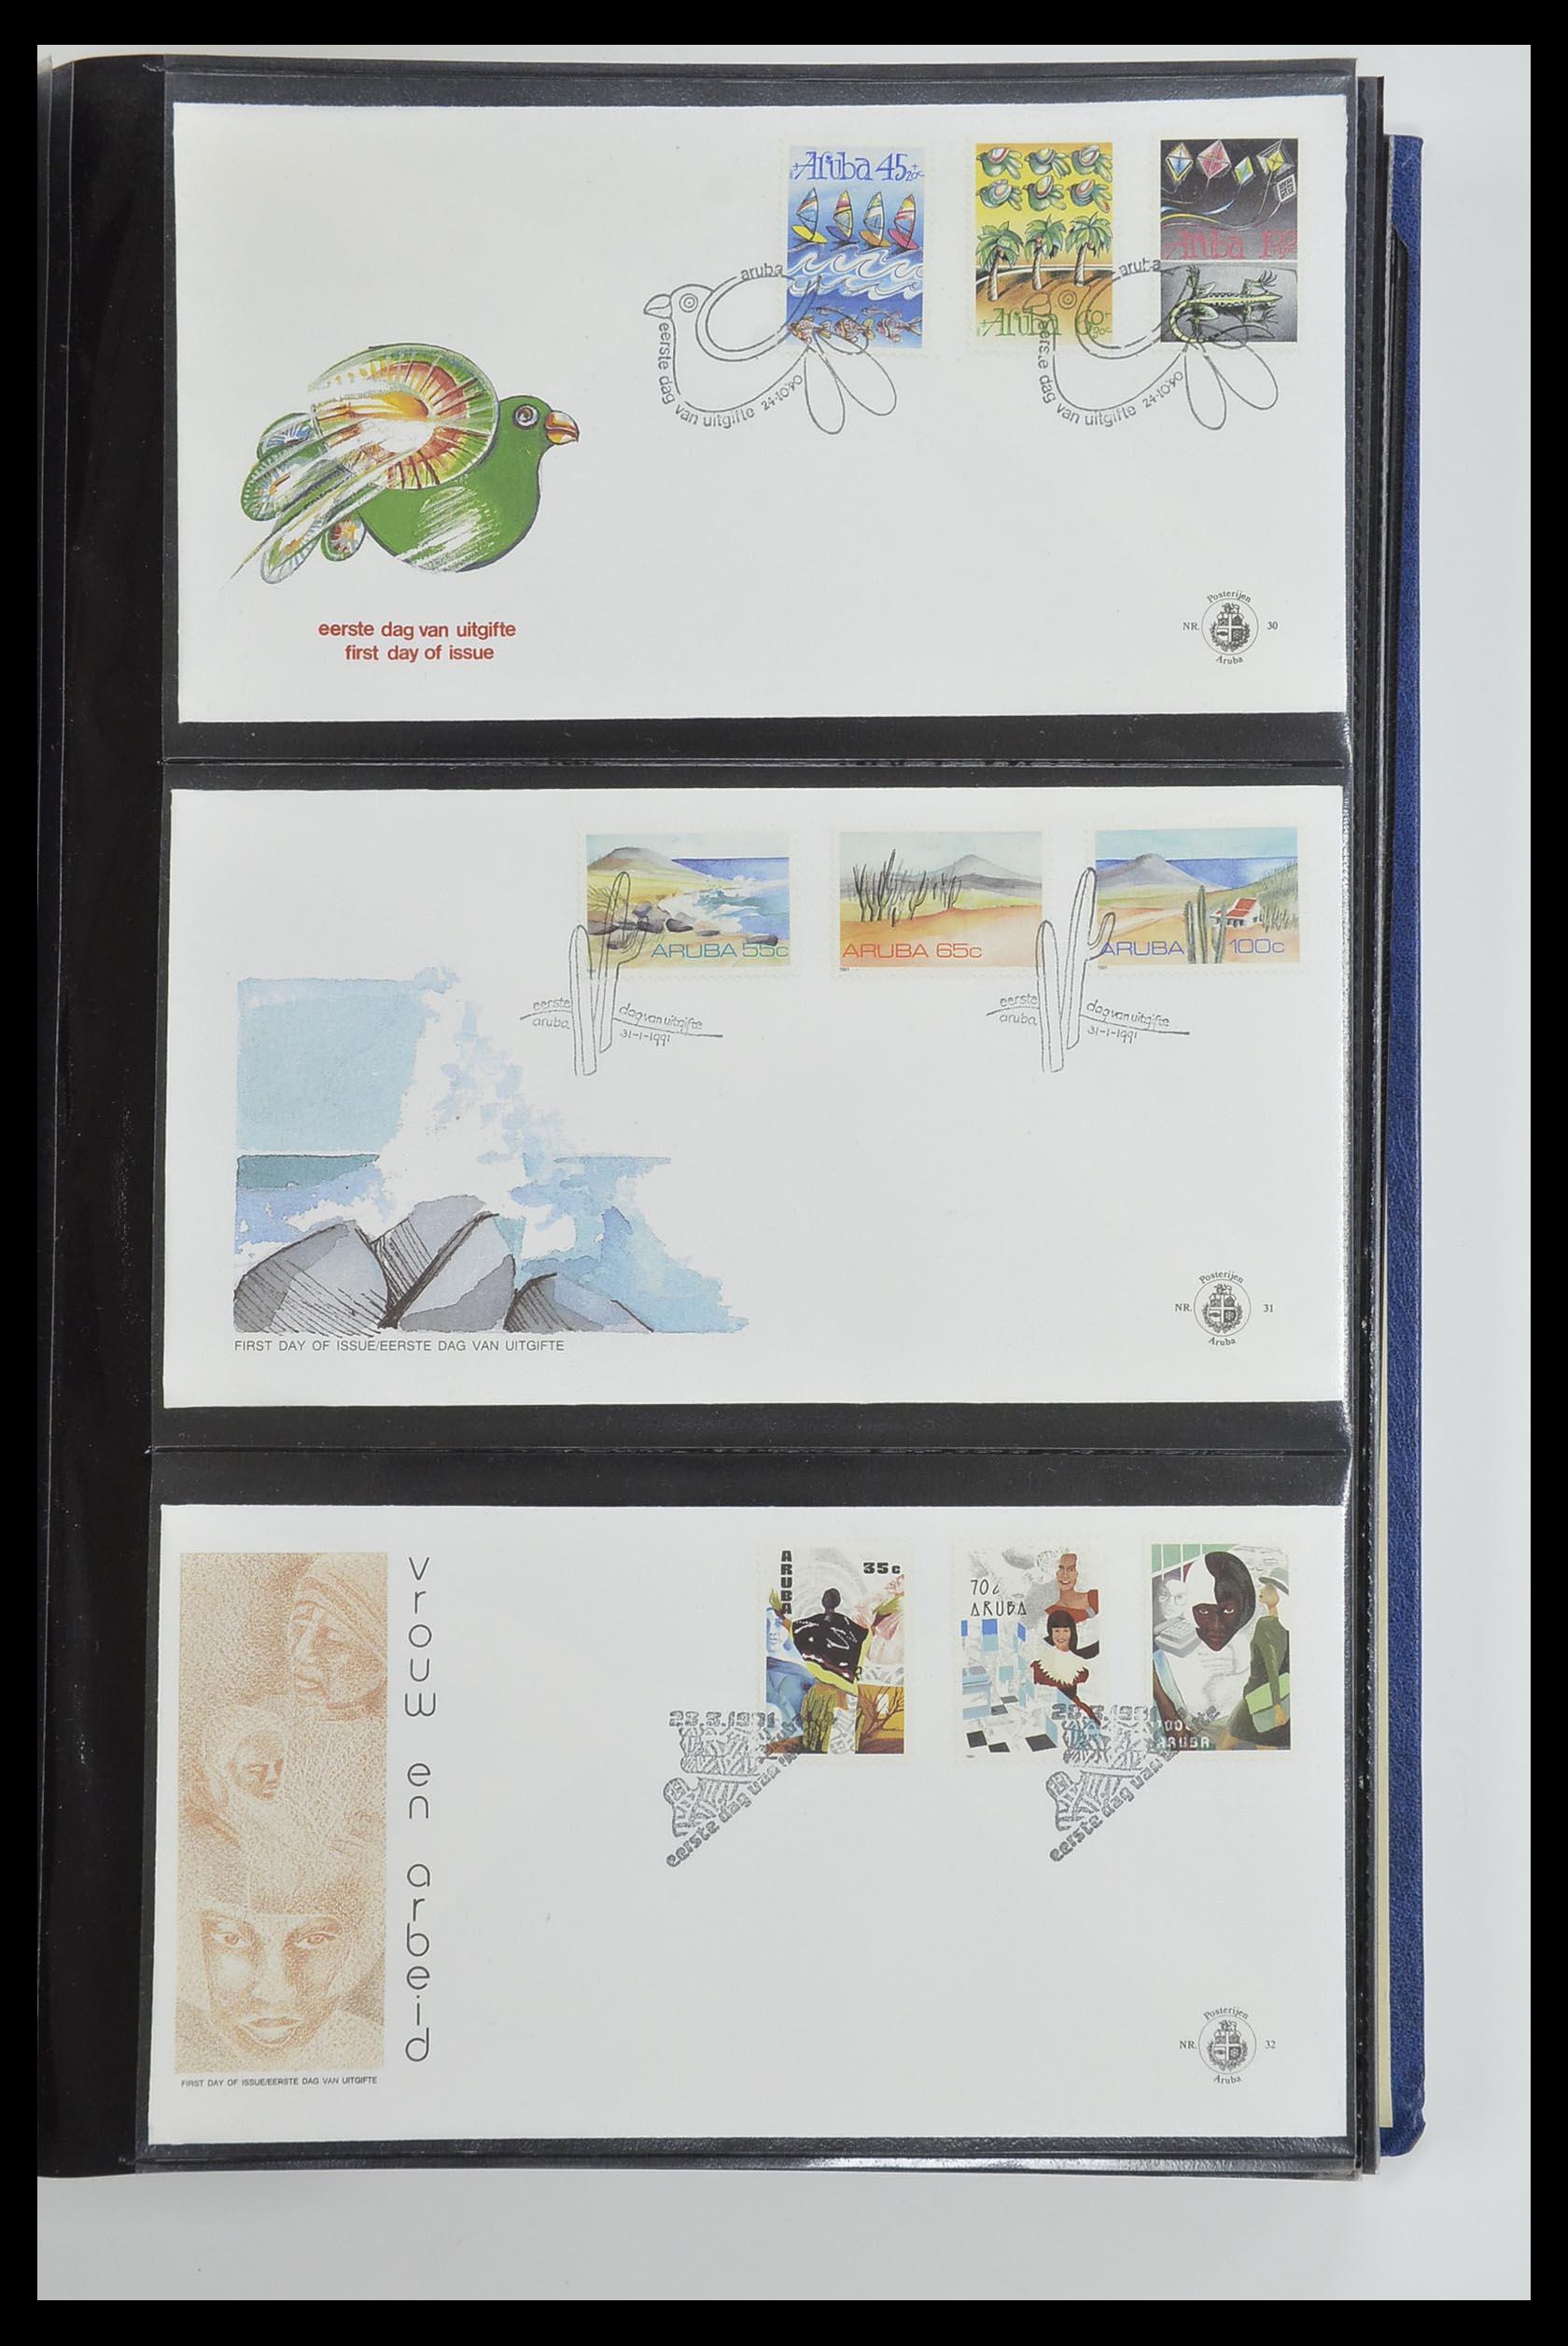 33585 011 - Postzegelverzameling 33585 Aruba FDC's 1986-2006.